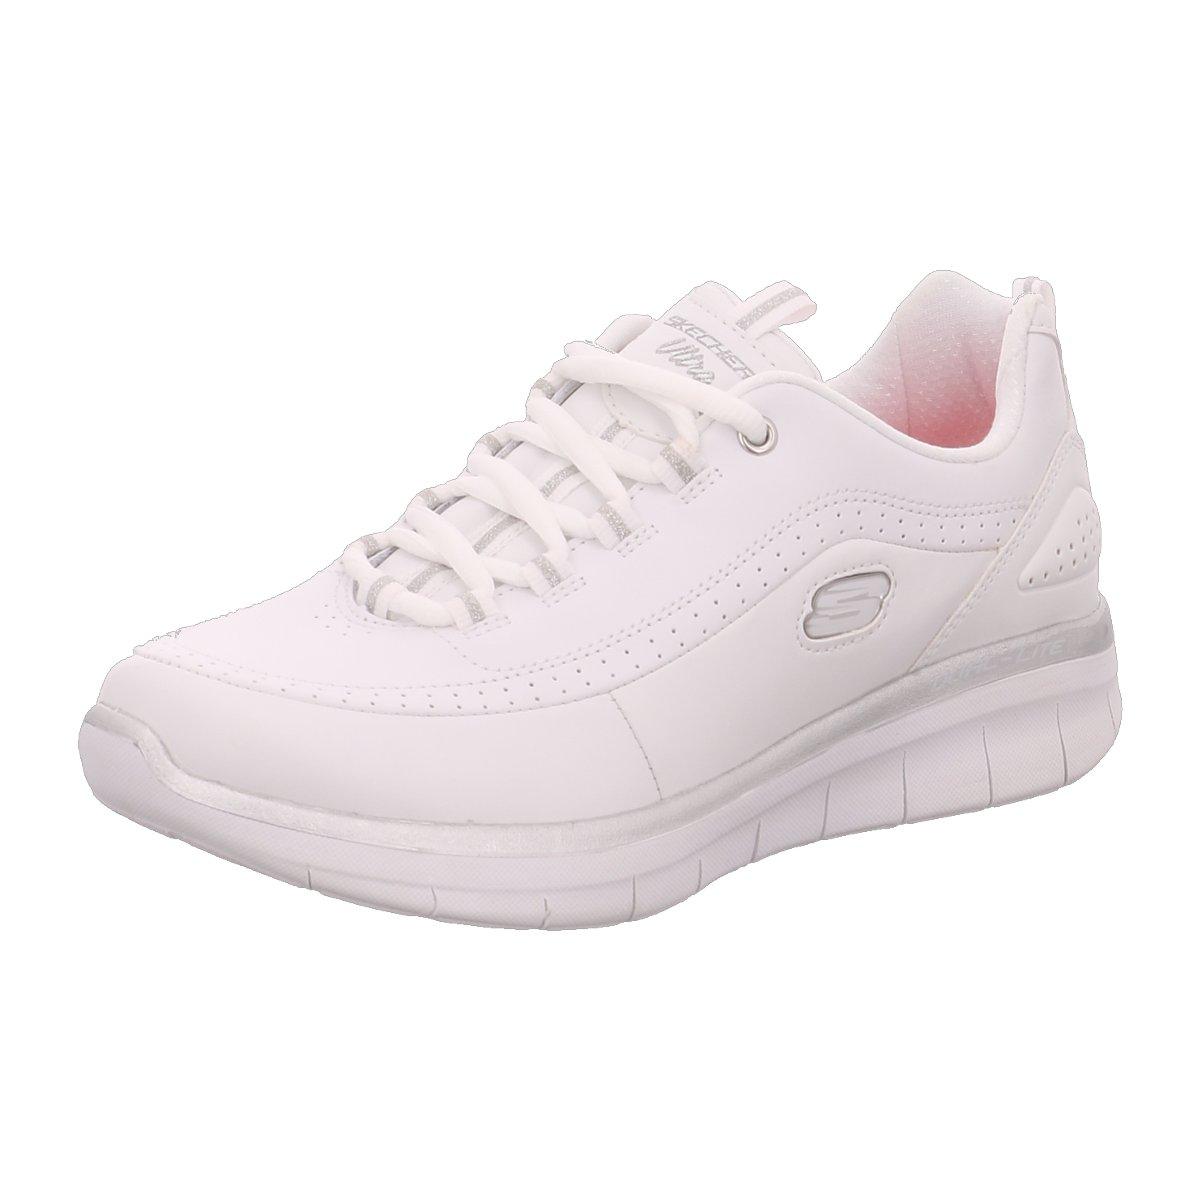 Skechers Damen Schnuerschuhe Syynergy 2.0 12363-WSL Weiß Silber (weiß) -